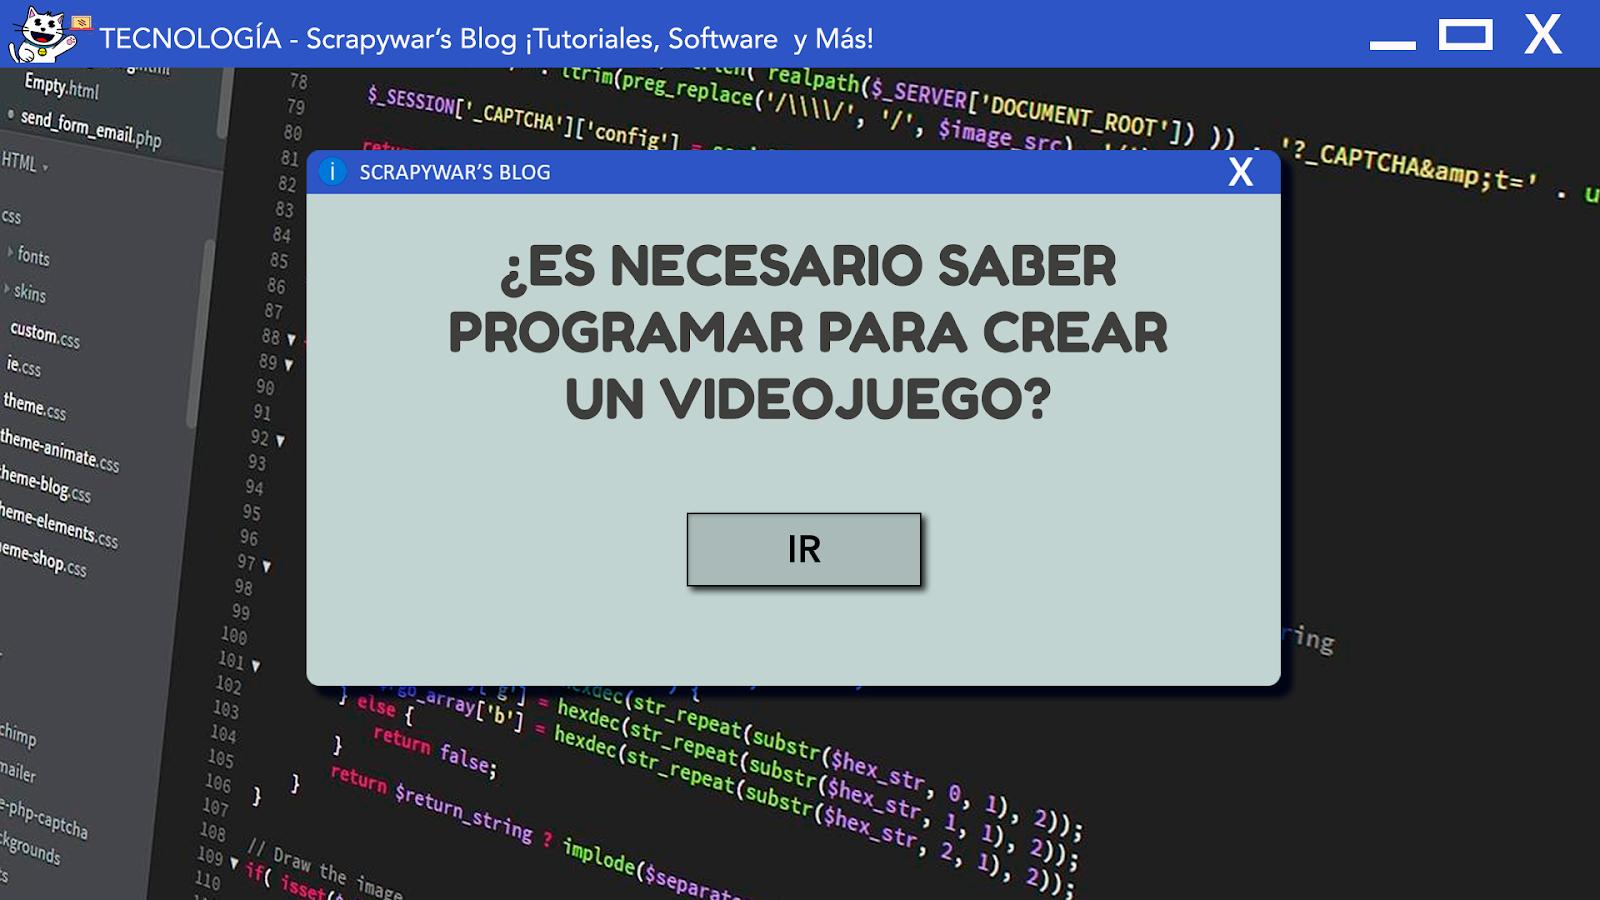 ¿Es necesario saber programar?